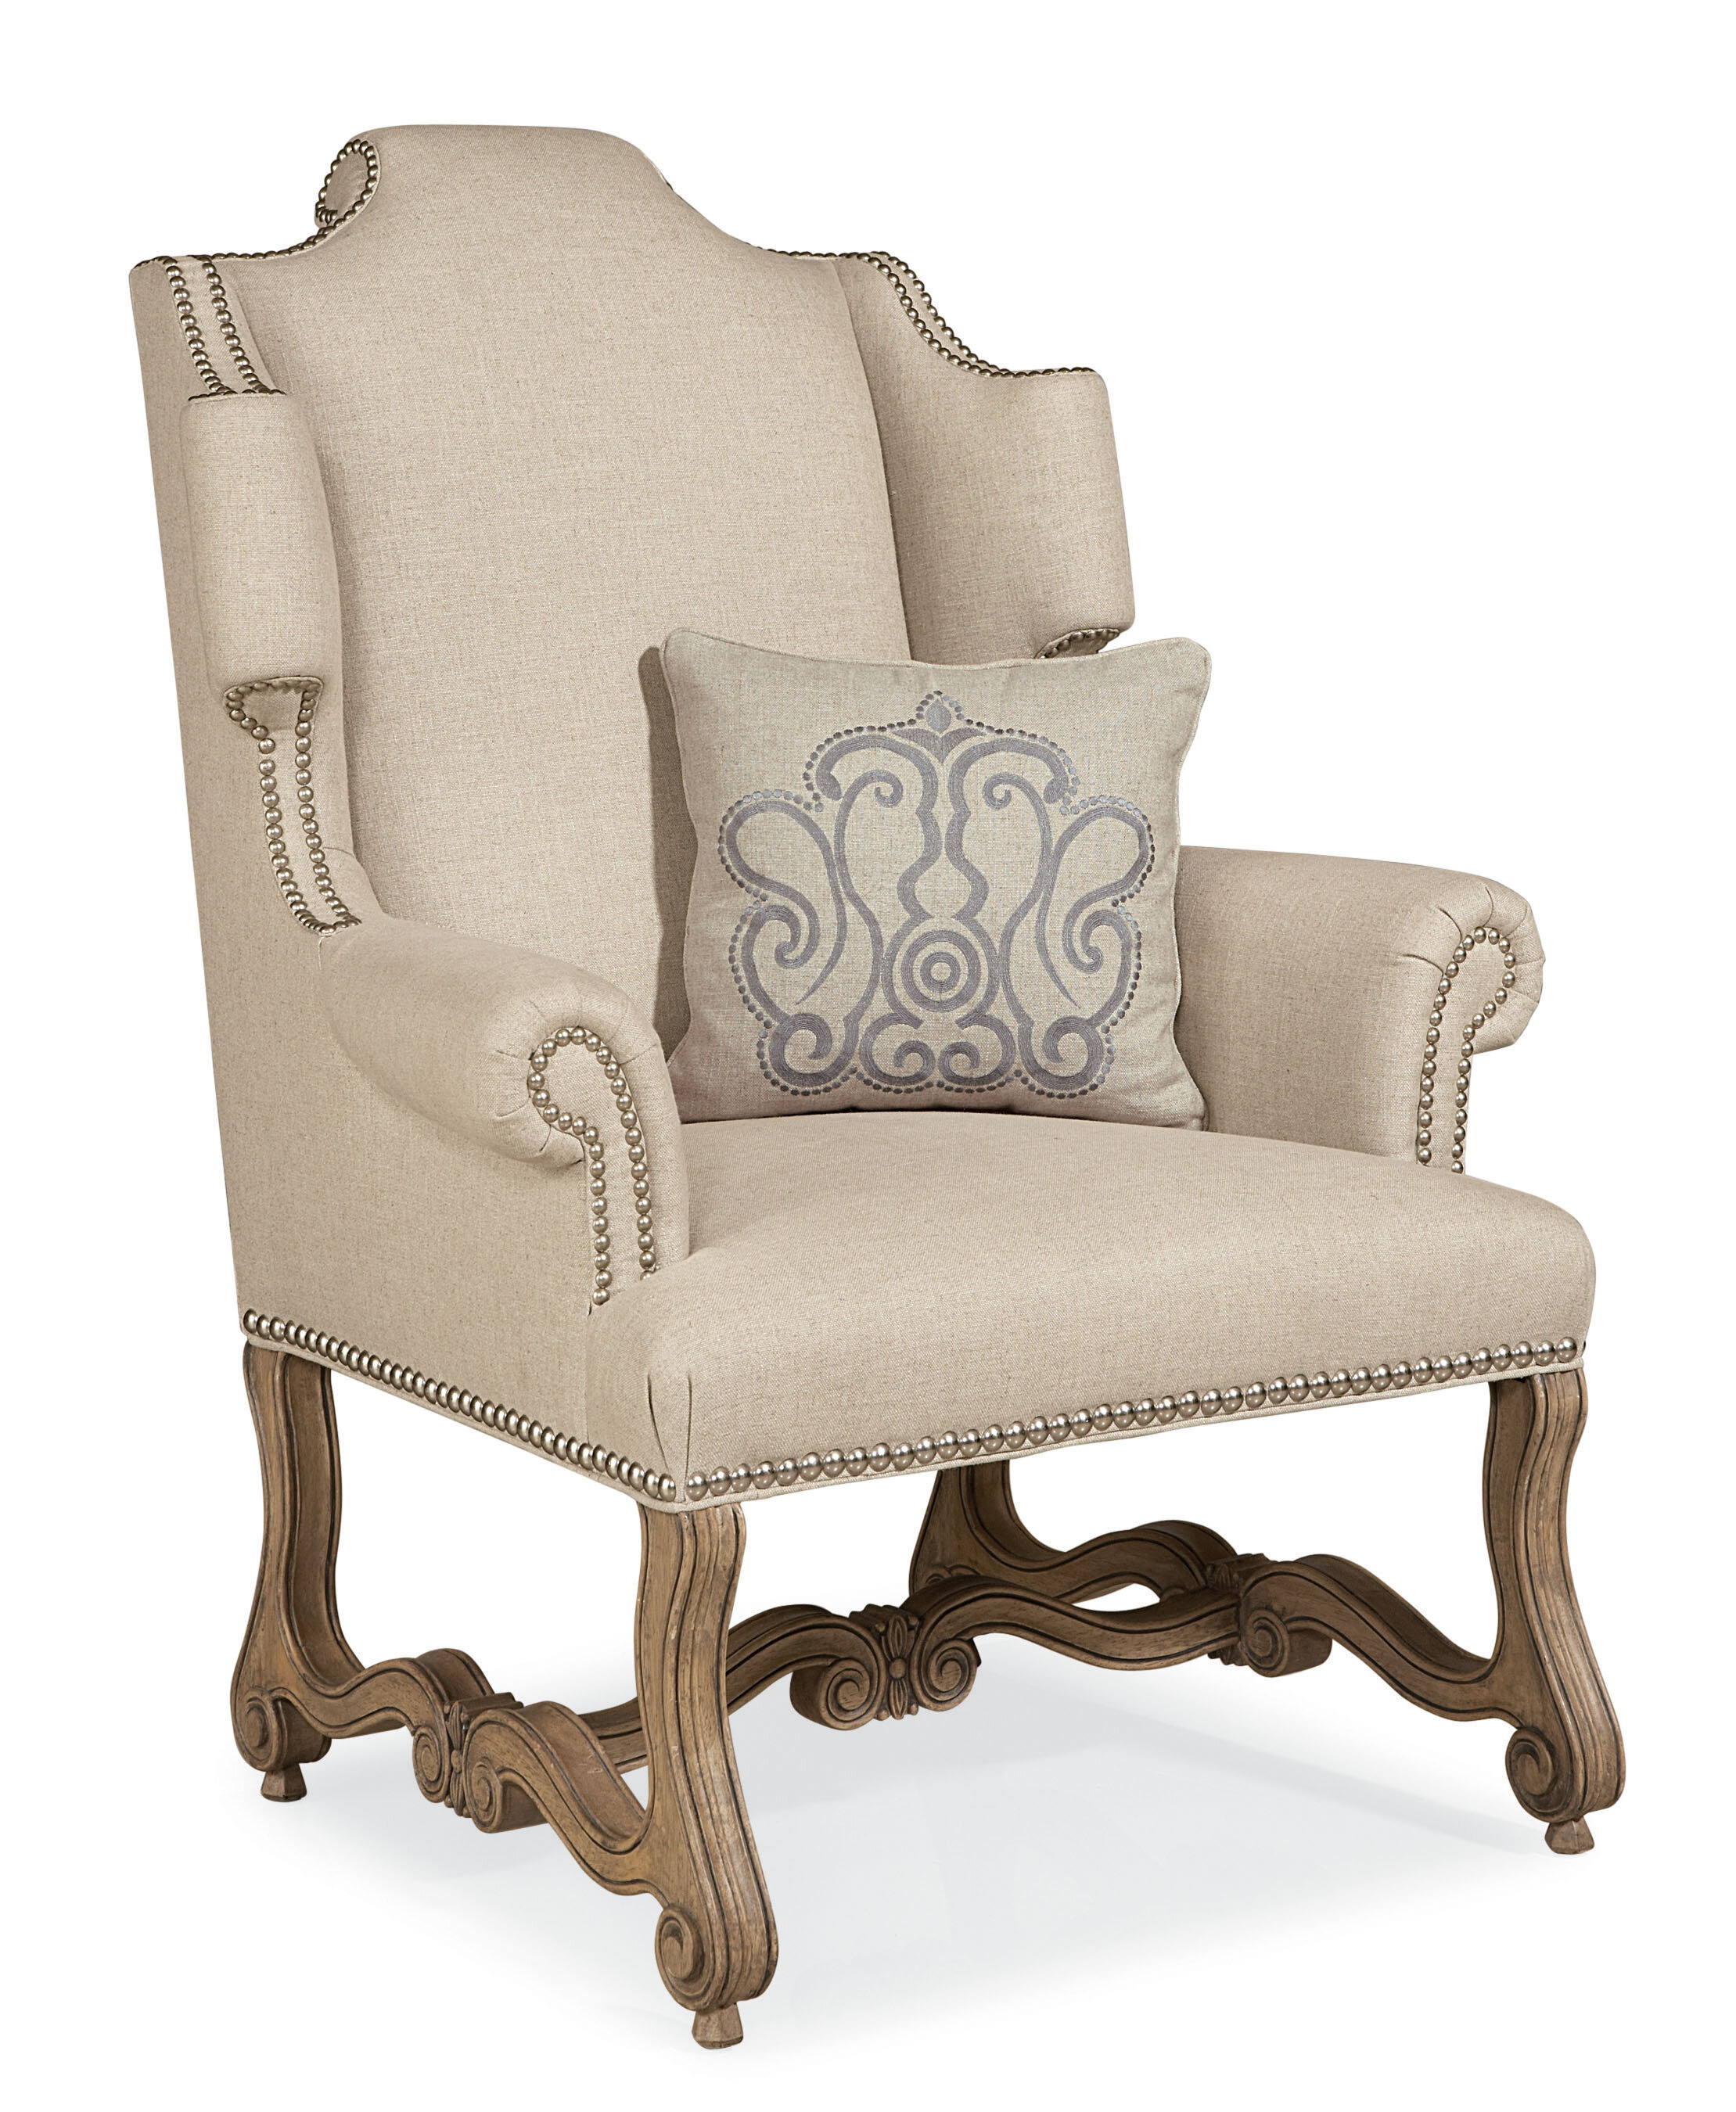 Beau One Allium Way Errol Exposed Wood Wingback Chair | Wayfair